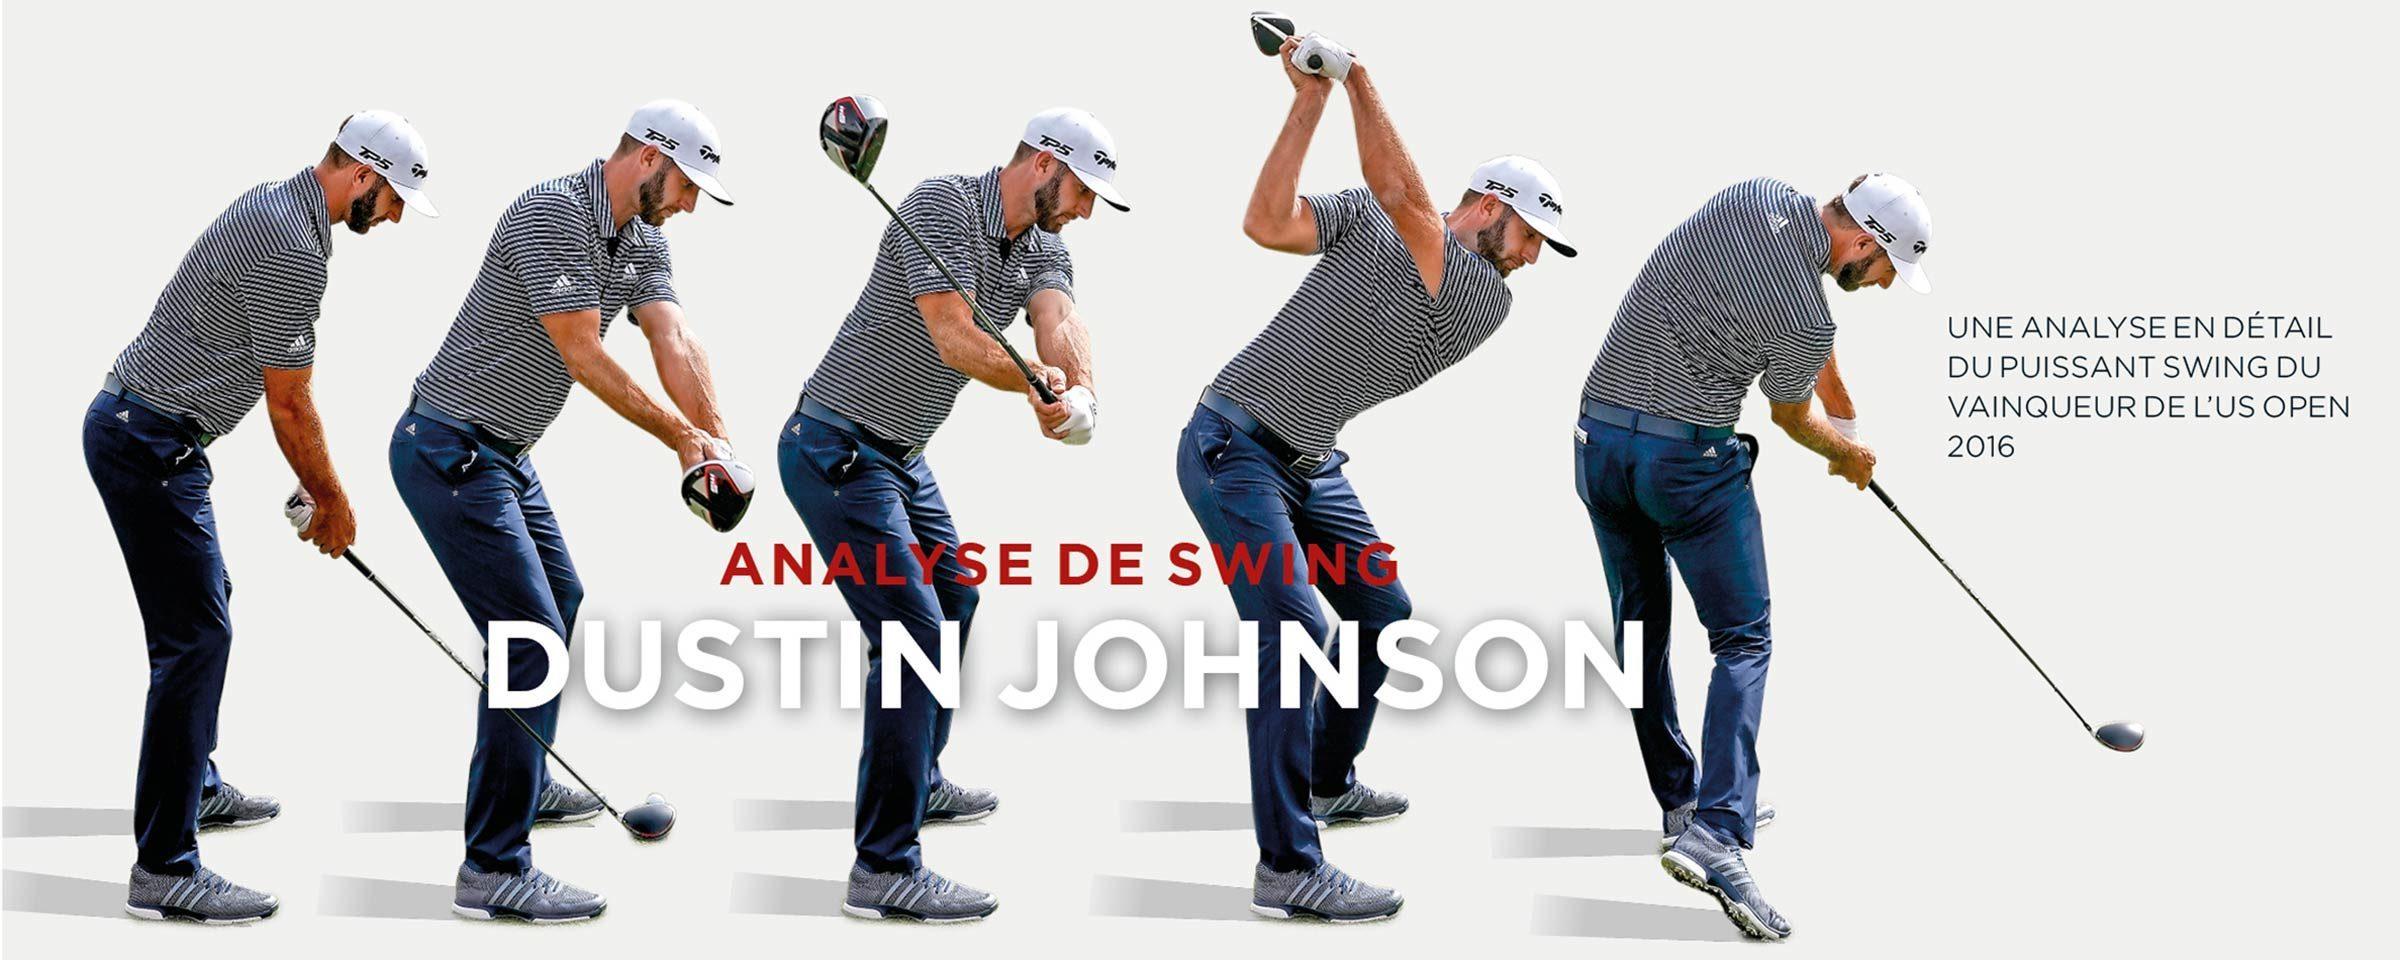 Dustin Johson